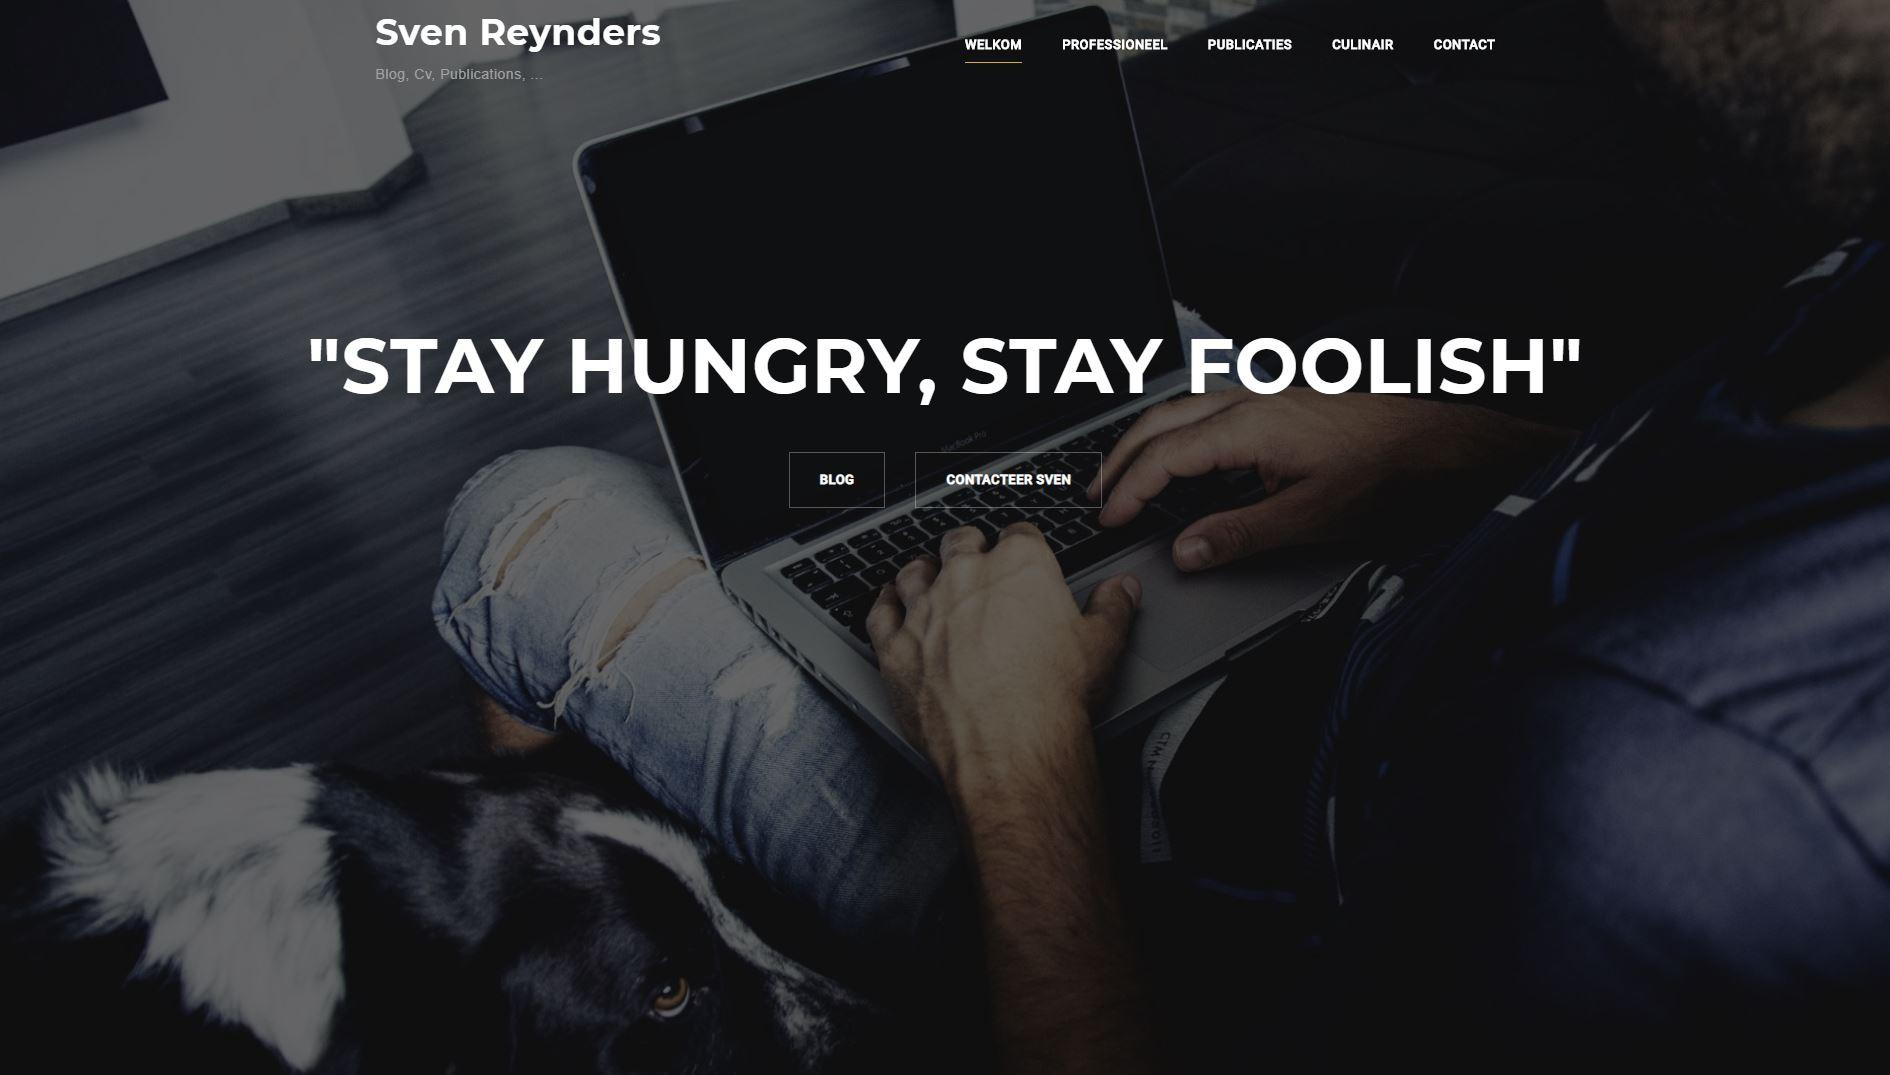 Sven Reynders website